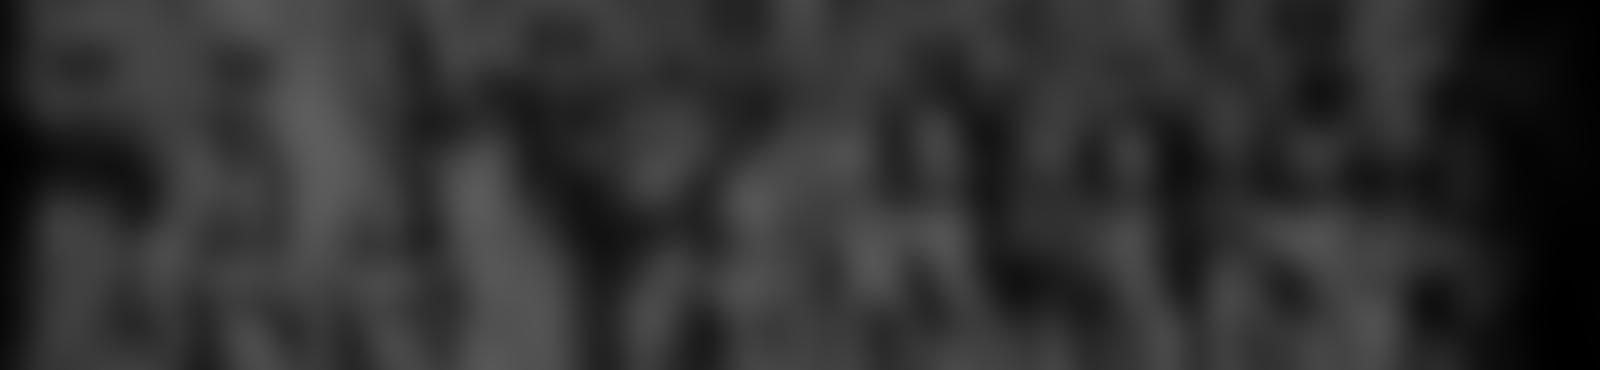 Blurred 32bf007b f0c3 40aa 8c0a adb293817544